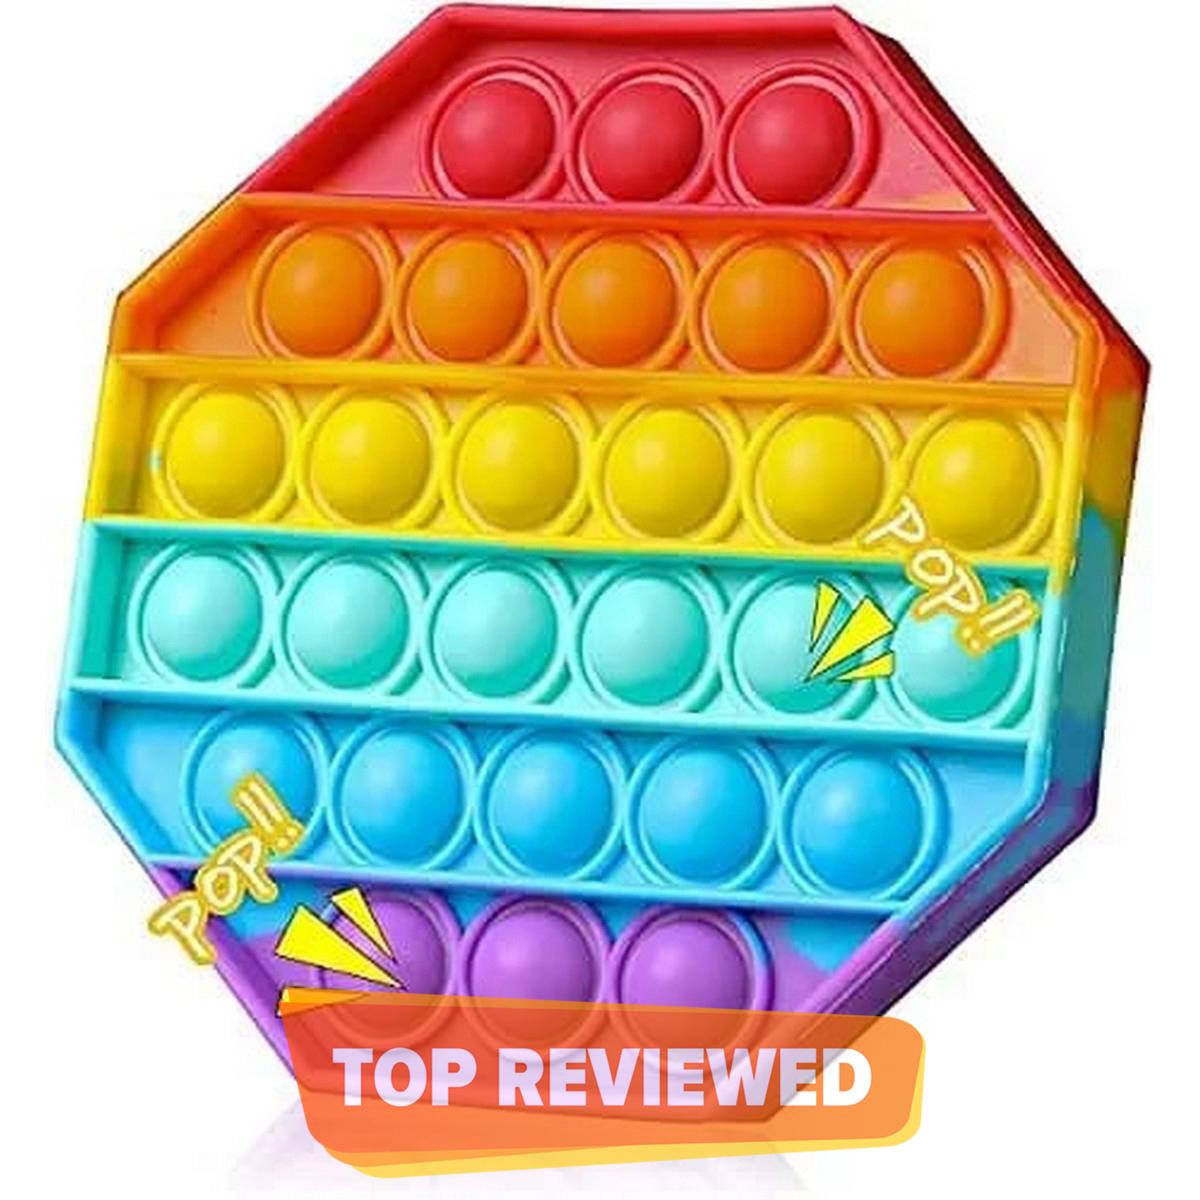 POP Toy Bubble Squeeze Sensory Fidget Toy Pop It Figit Toy Fidget Toys Special Needs Stress Reliever, Push Bubble Gadgets